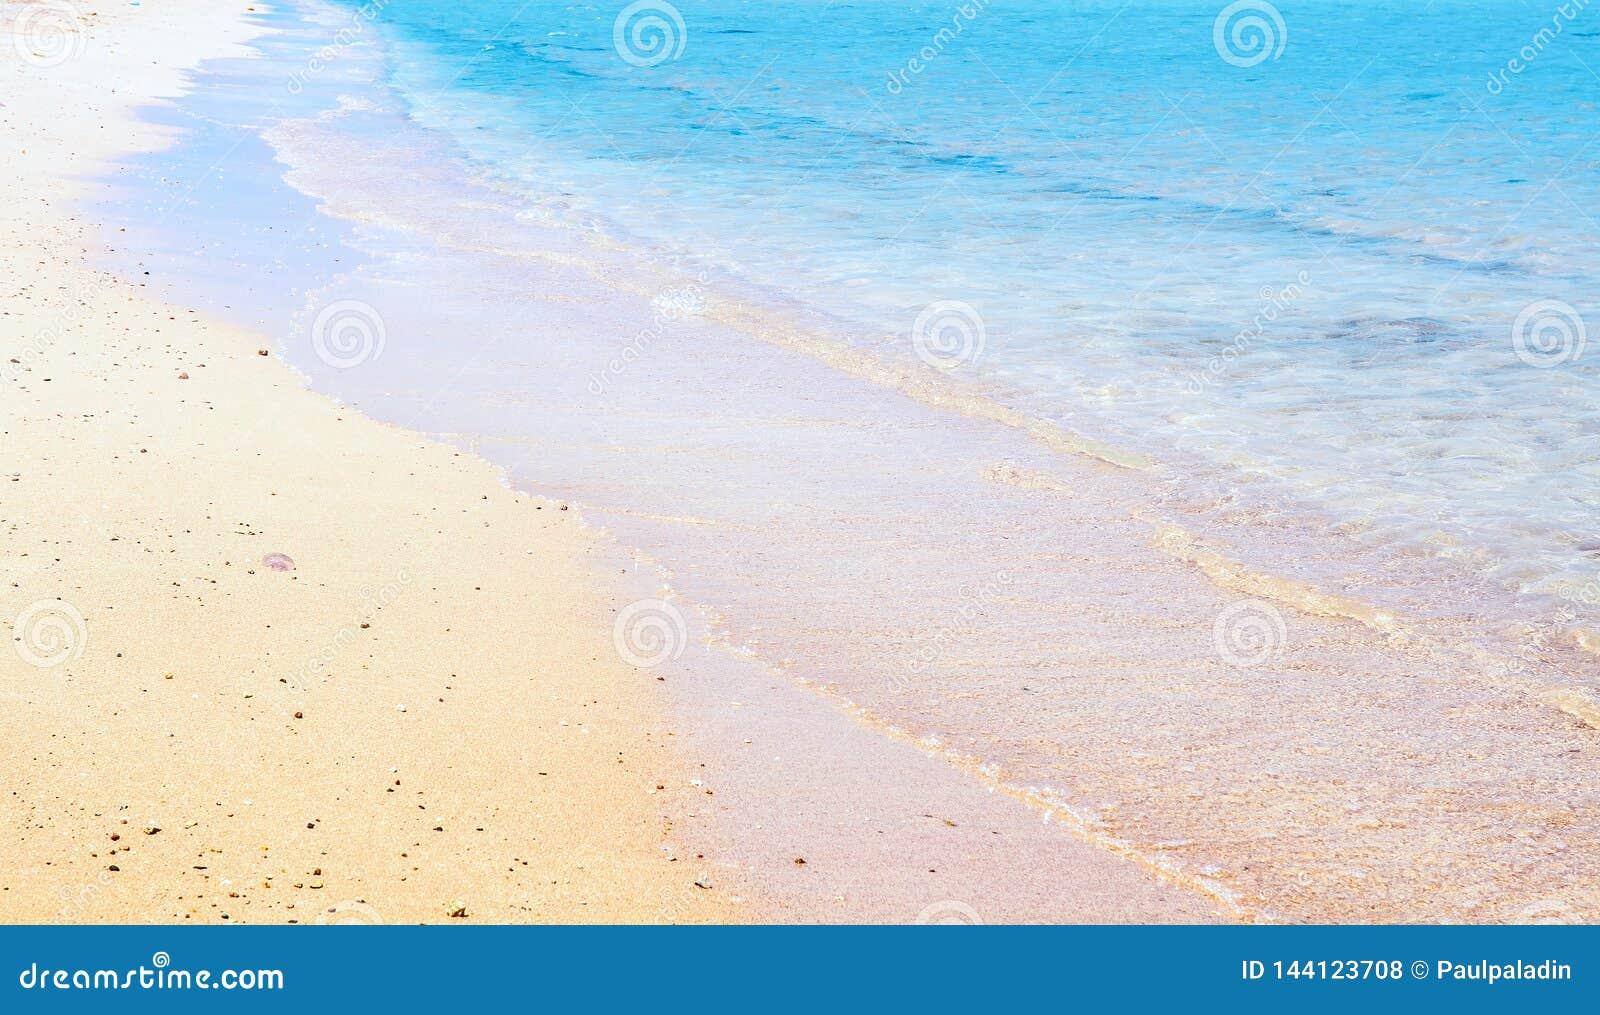 Sea wave on the sandy beach